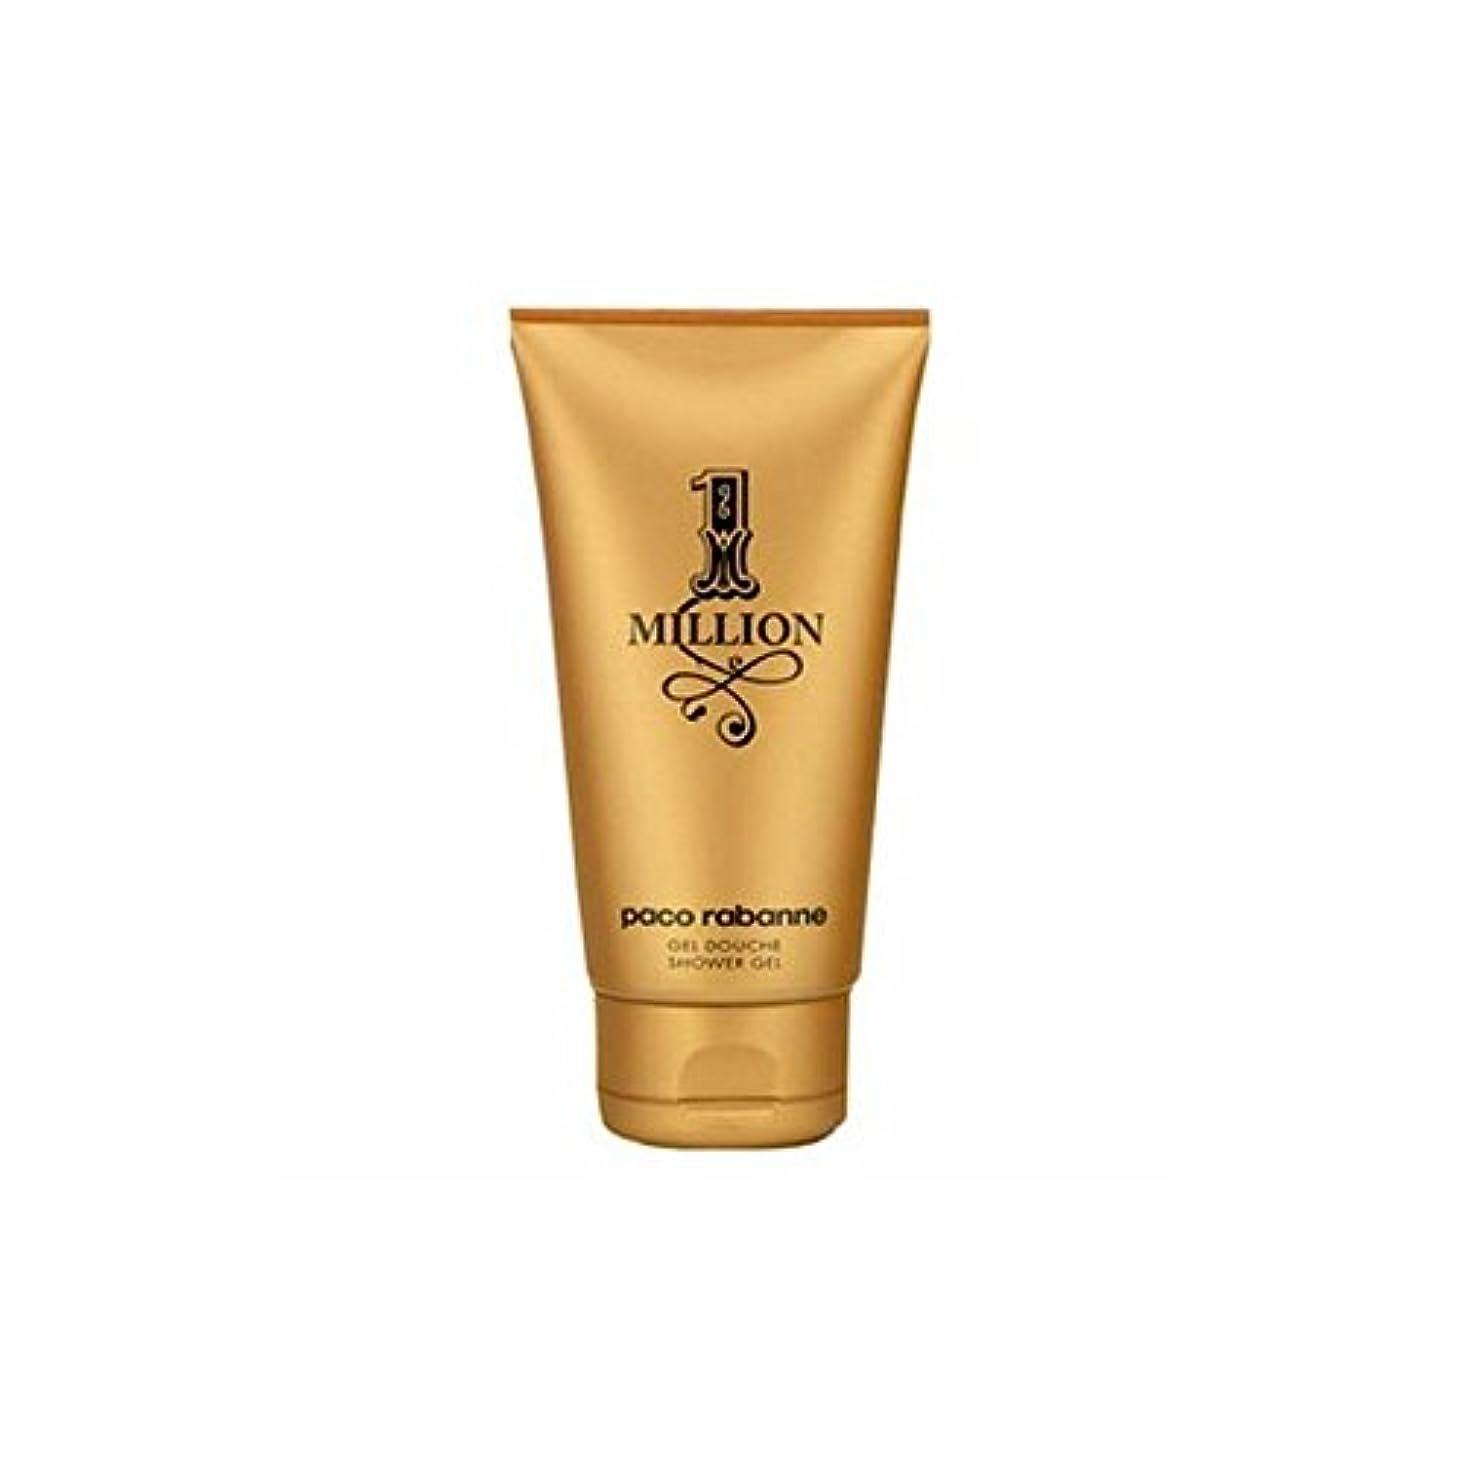 部分的ジュースマーチャンダイザー[Paco Rabanne ] 男性のためのパコ?ラバンヌの100万シャワージェル - 150ミリリットル - Paco Rabanne 1 Million Shower gel for Men - 150ml [並行輸入品]